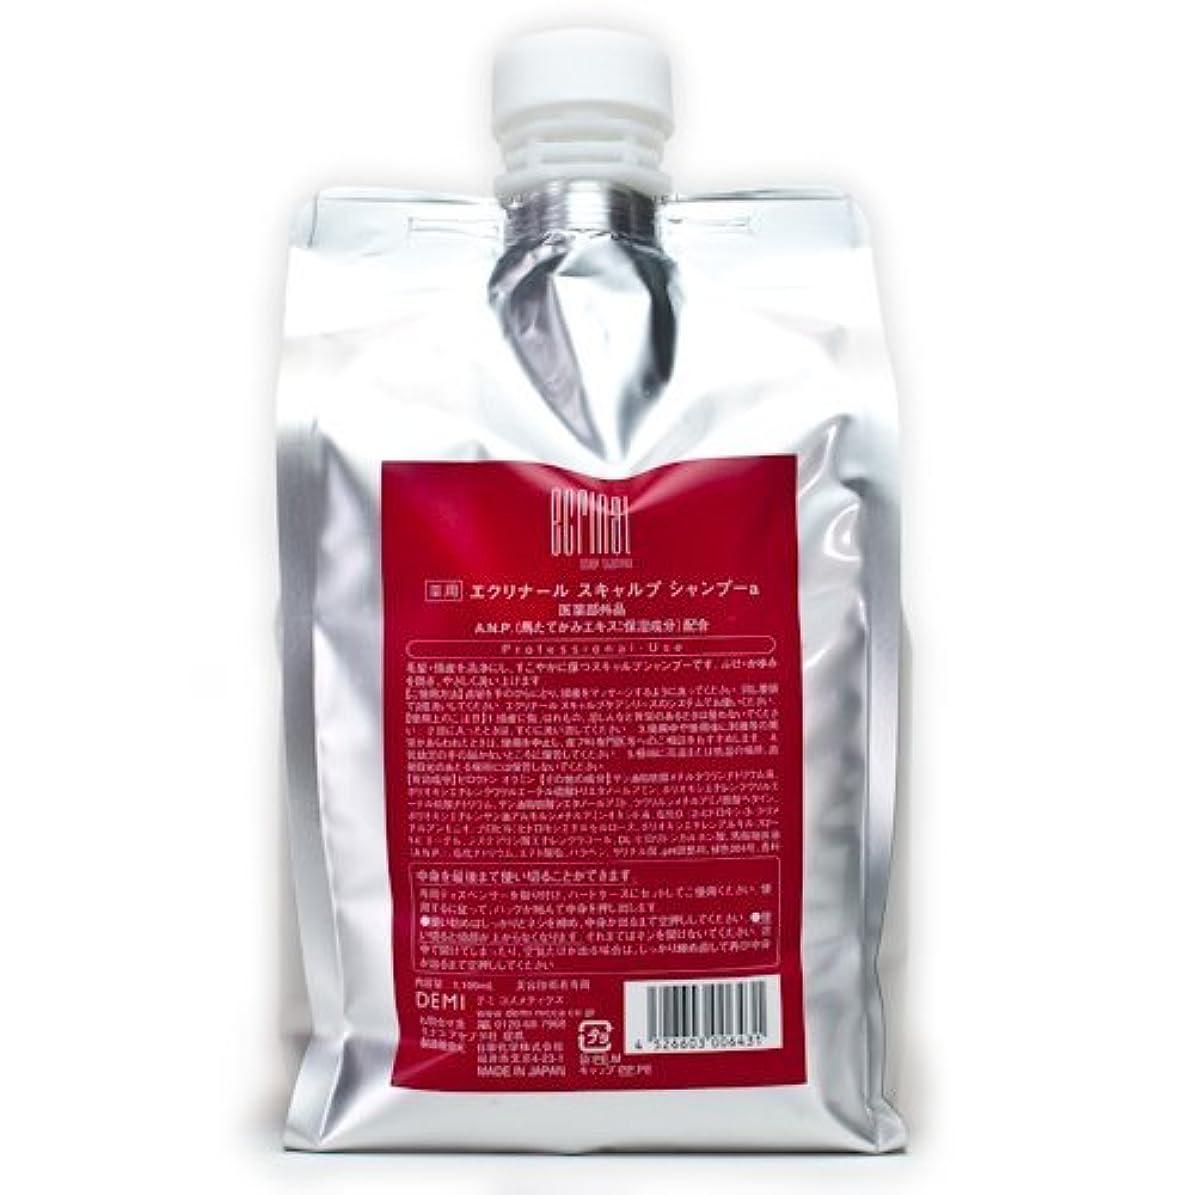 オペレーター素子クレジットデミコスメティクス エクリナール スキャルプシャンプー 1100ml (医薬部外品)